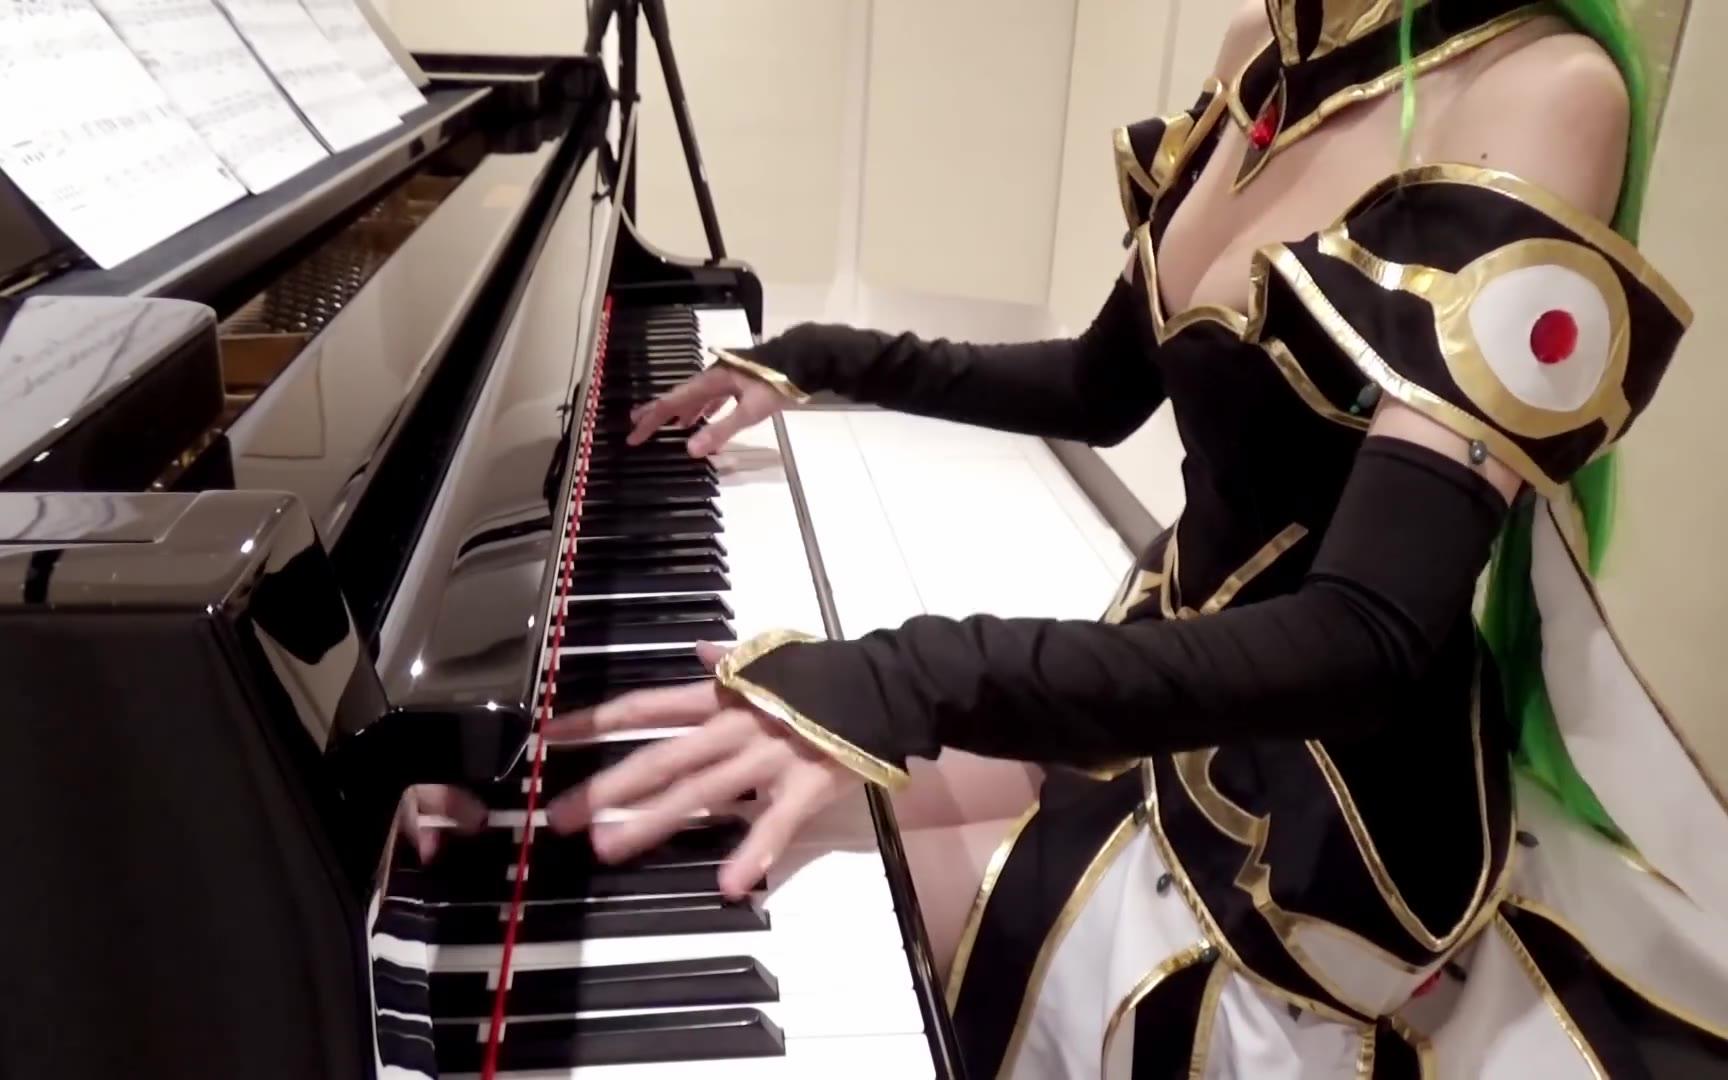 女神!穿着C·C的衣服弹《反叛的鲁鲁修》各种各样钢琴曲!